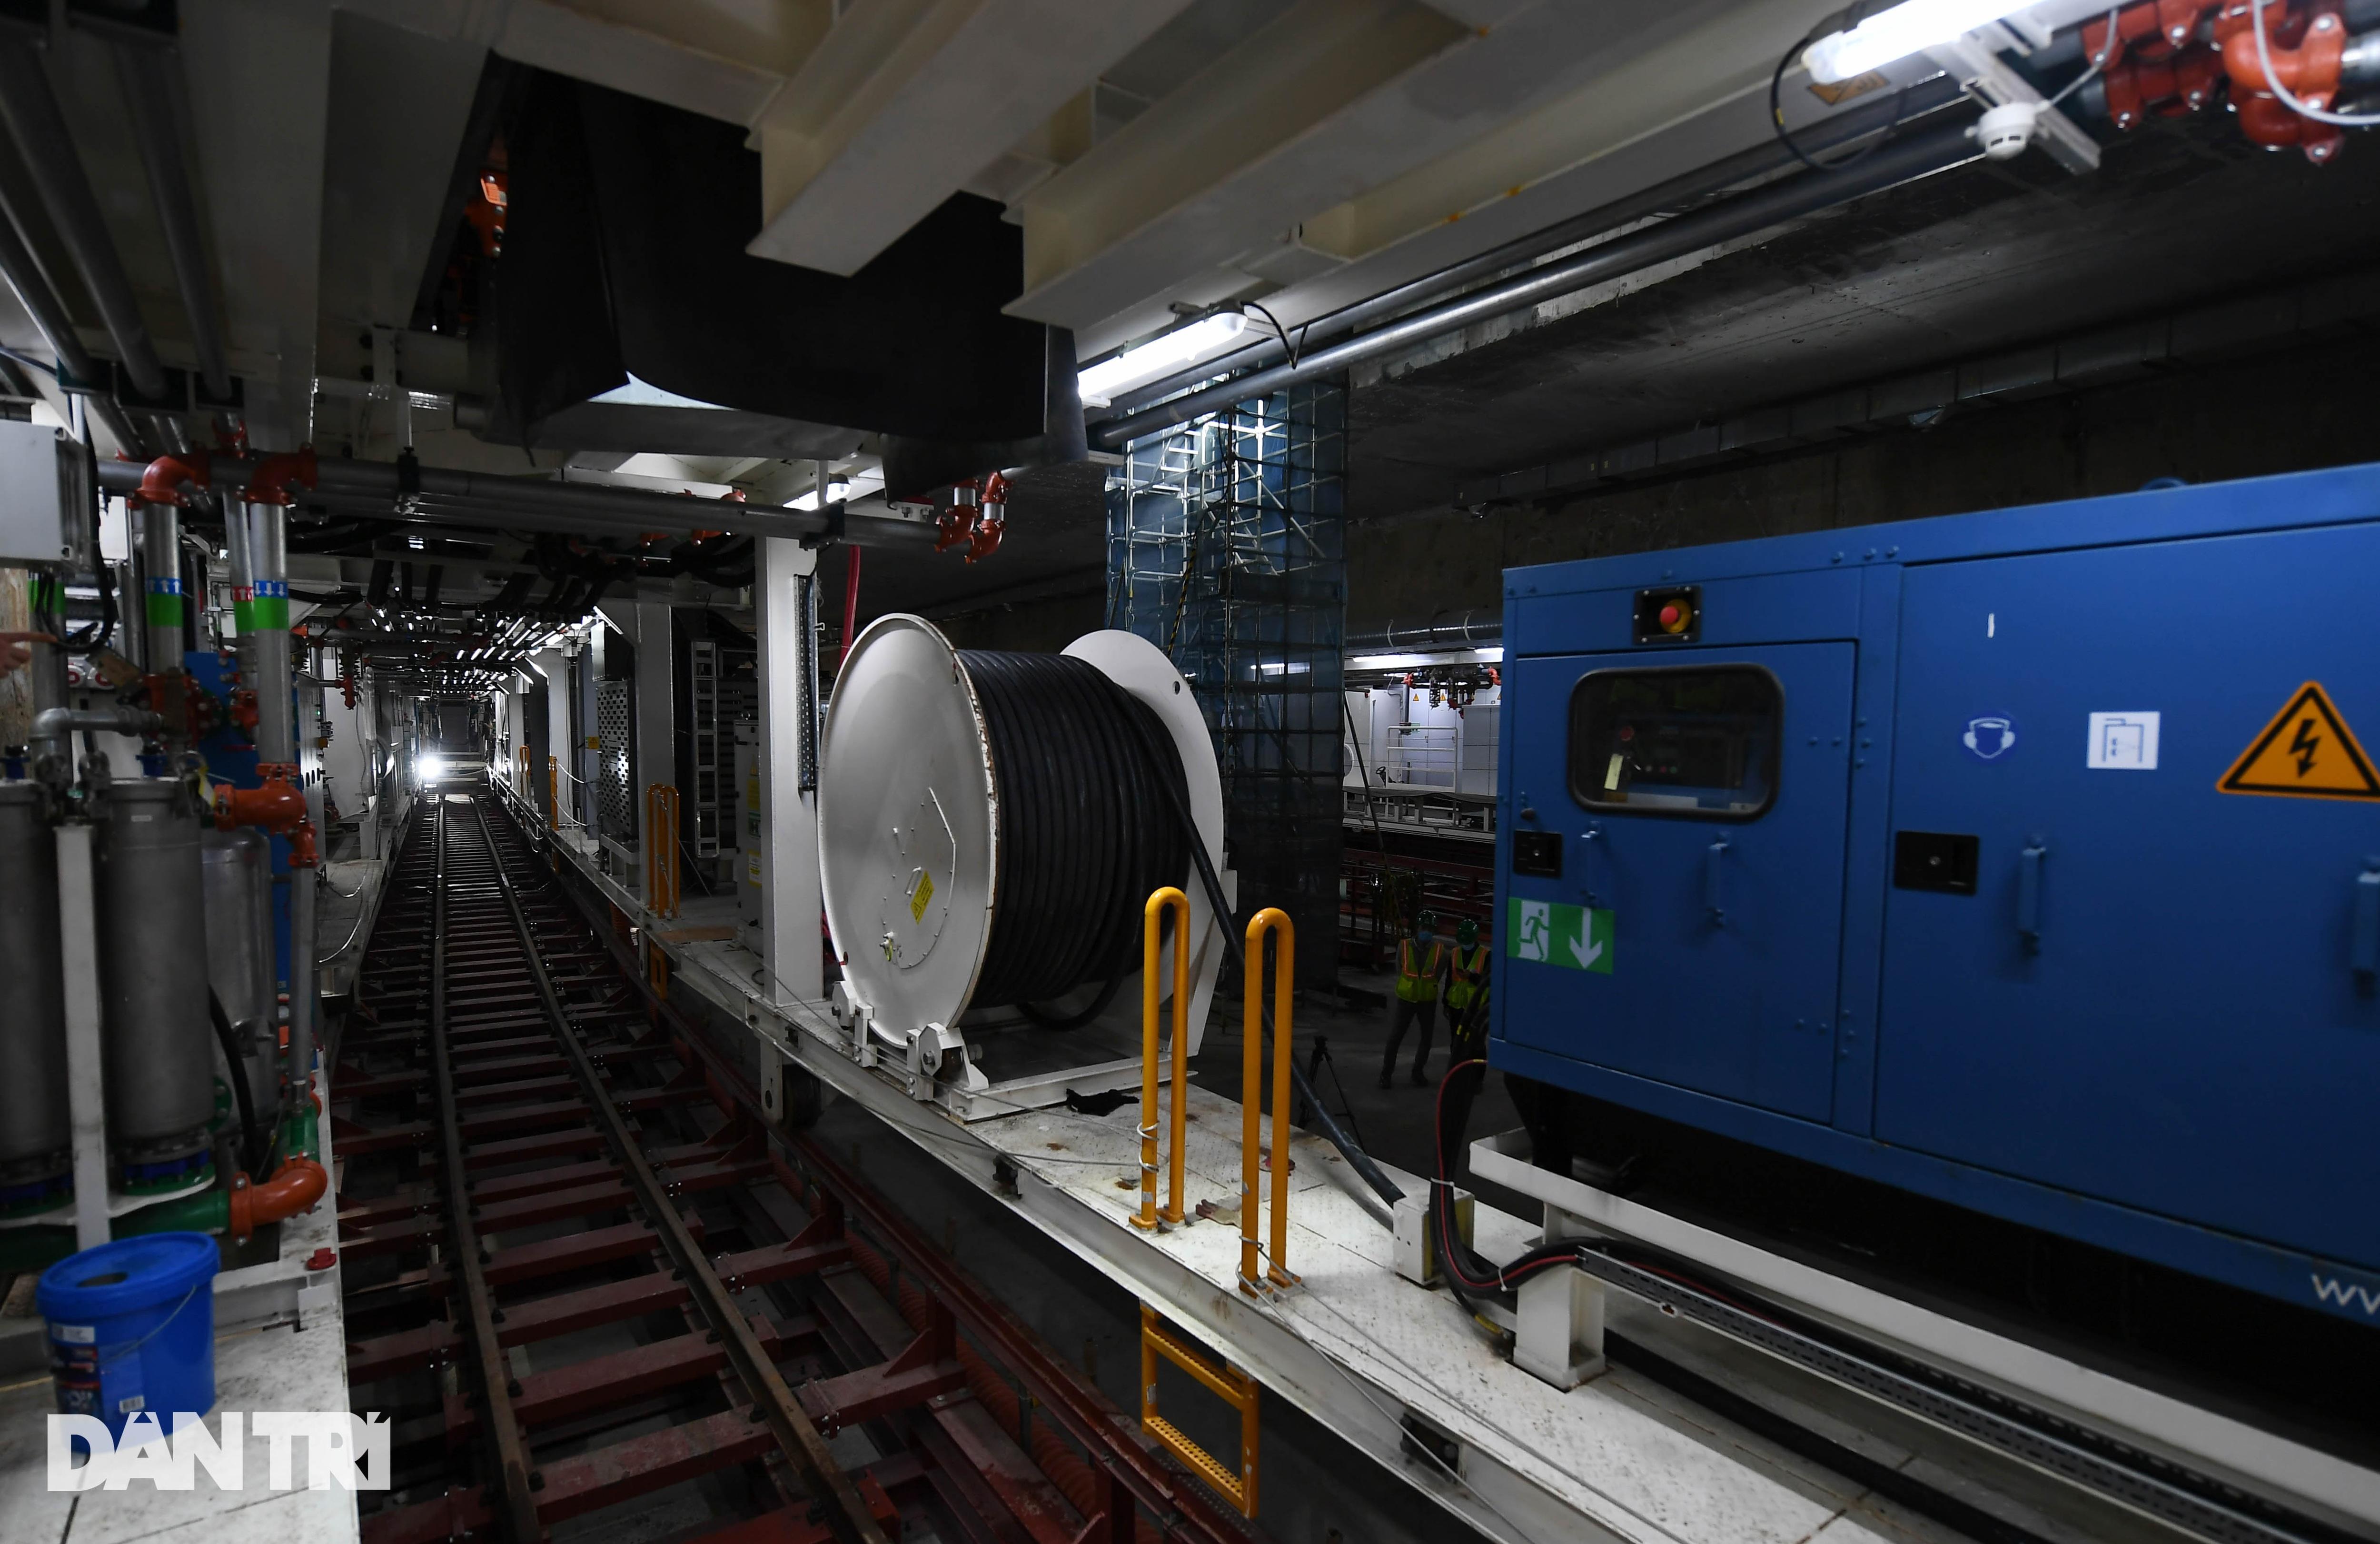 Quái vật 850 tấn đào hầm đường sắt Nhổn - ga Hà Nội lần đầu chạy thử - 12